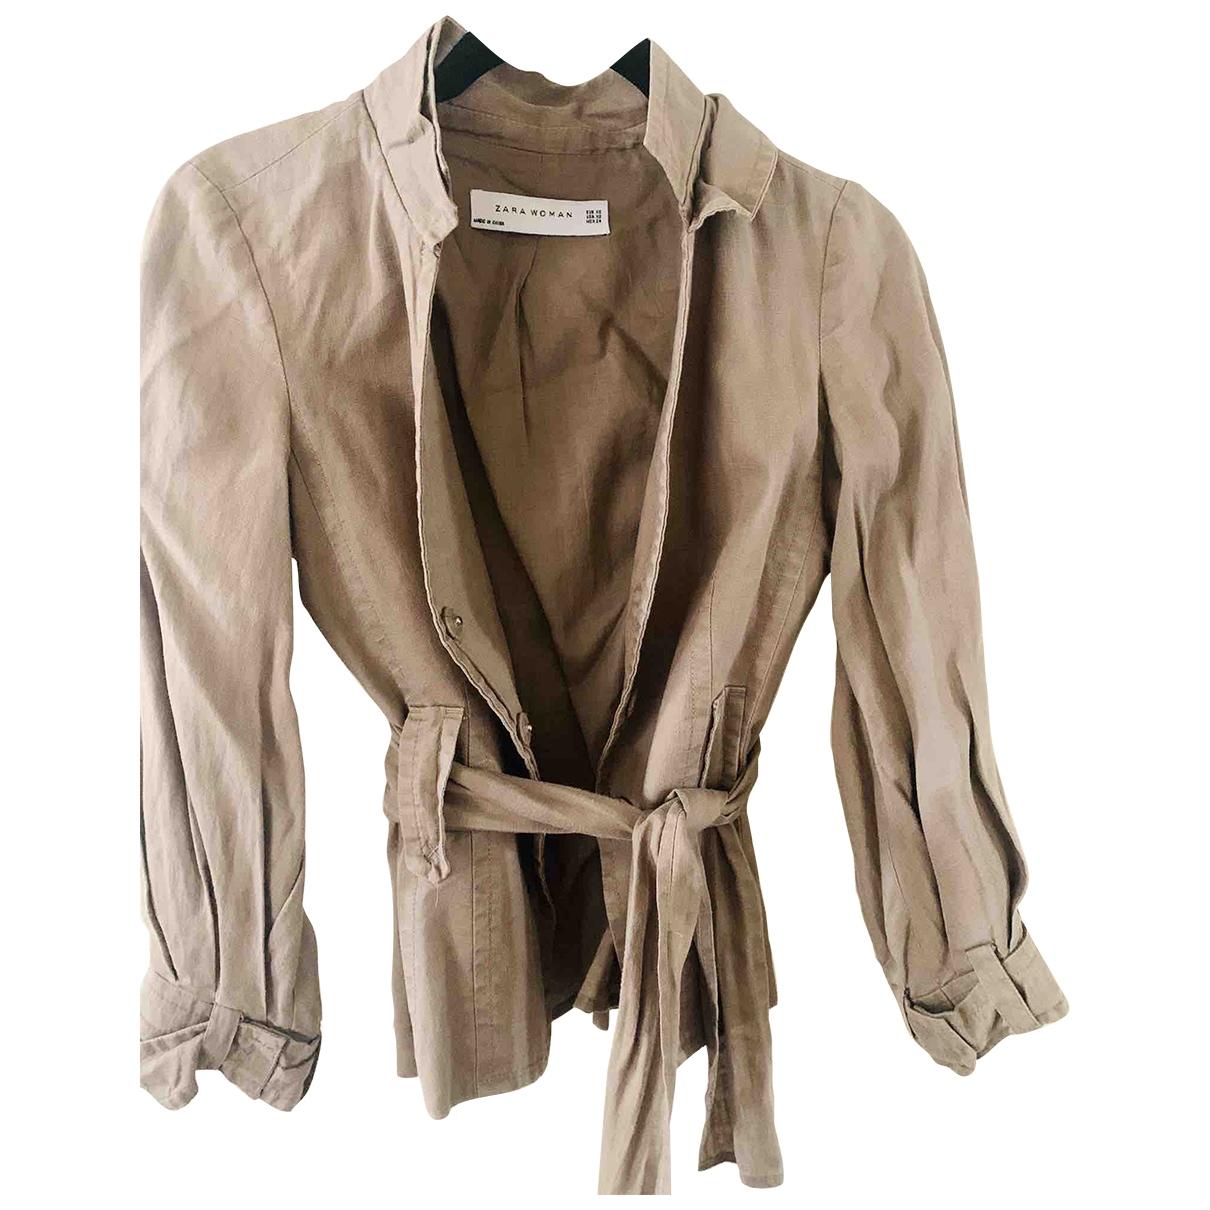 Zara \N Ecru Linen jacket for Women XS International